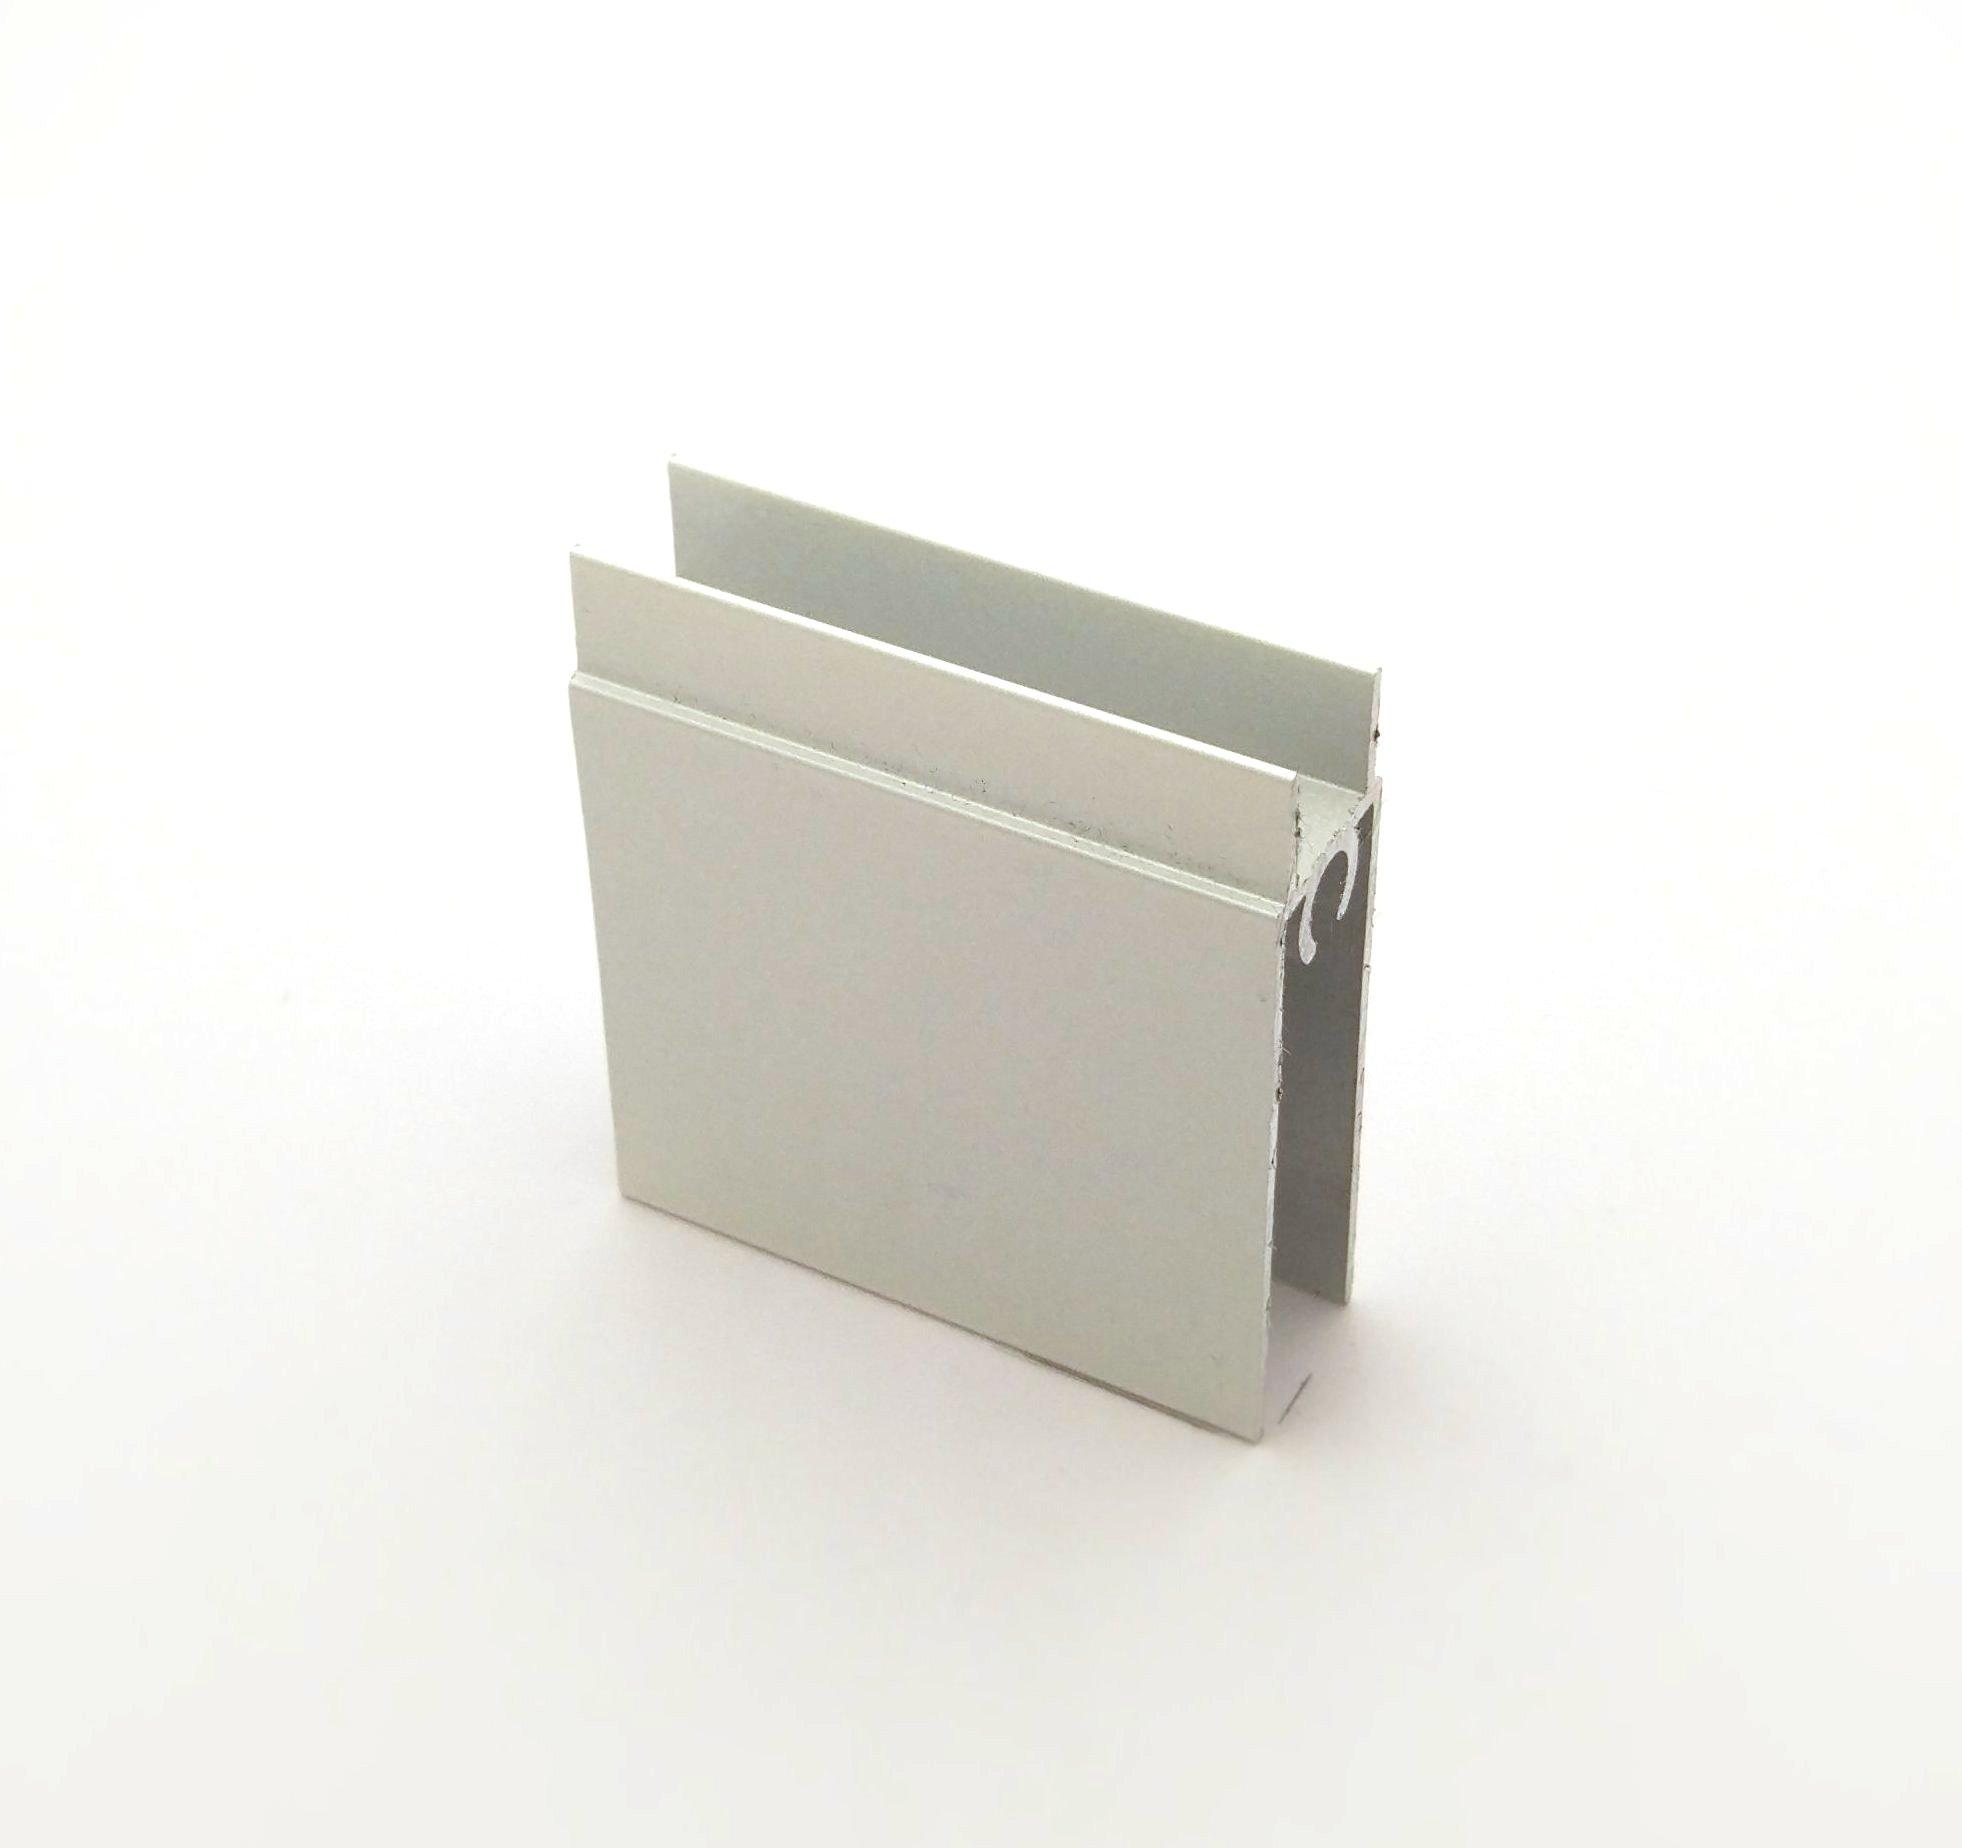 АФ Профиль горизонтальный нижний 377, жемчуг, 6000мм